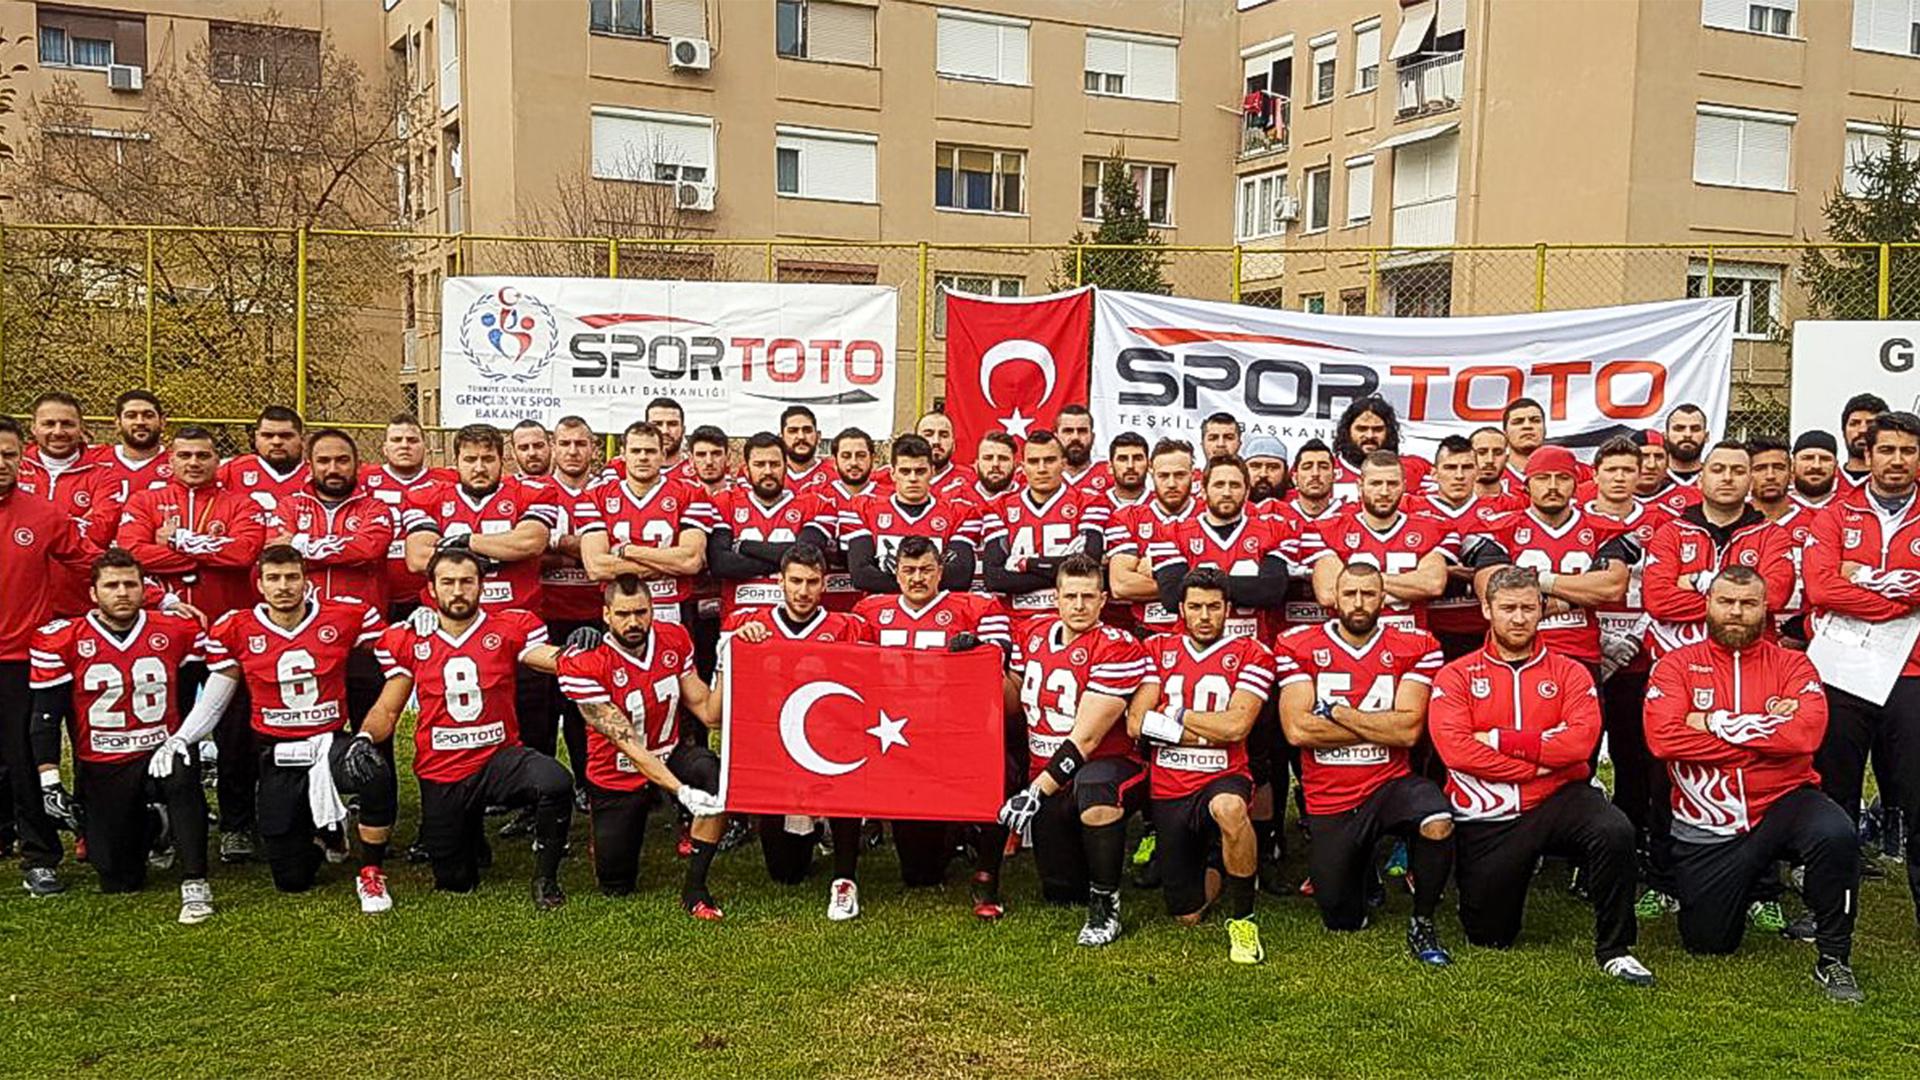 Amerikan Futbolu (Korumalı Futbol) Nedir? | Korumalı Futbol Türkiye